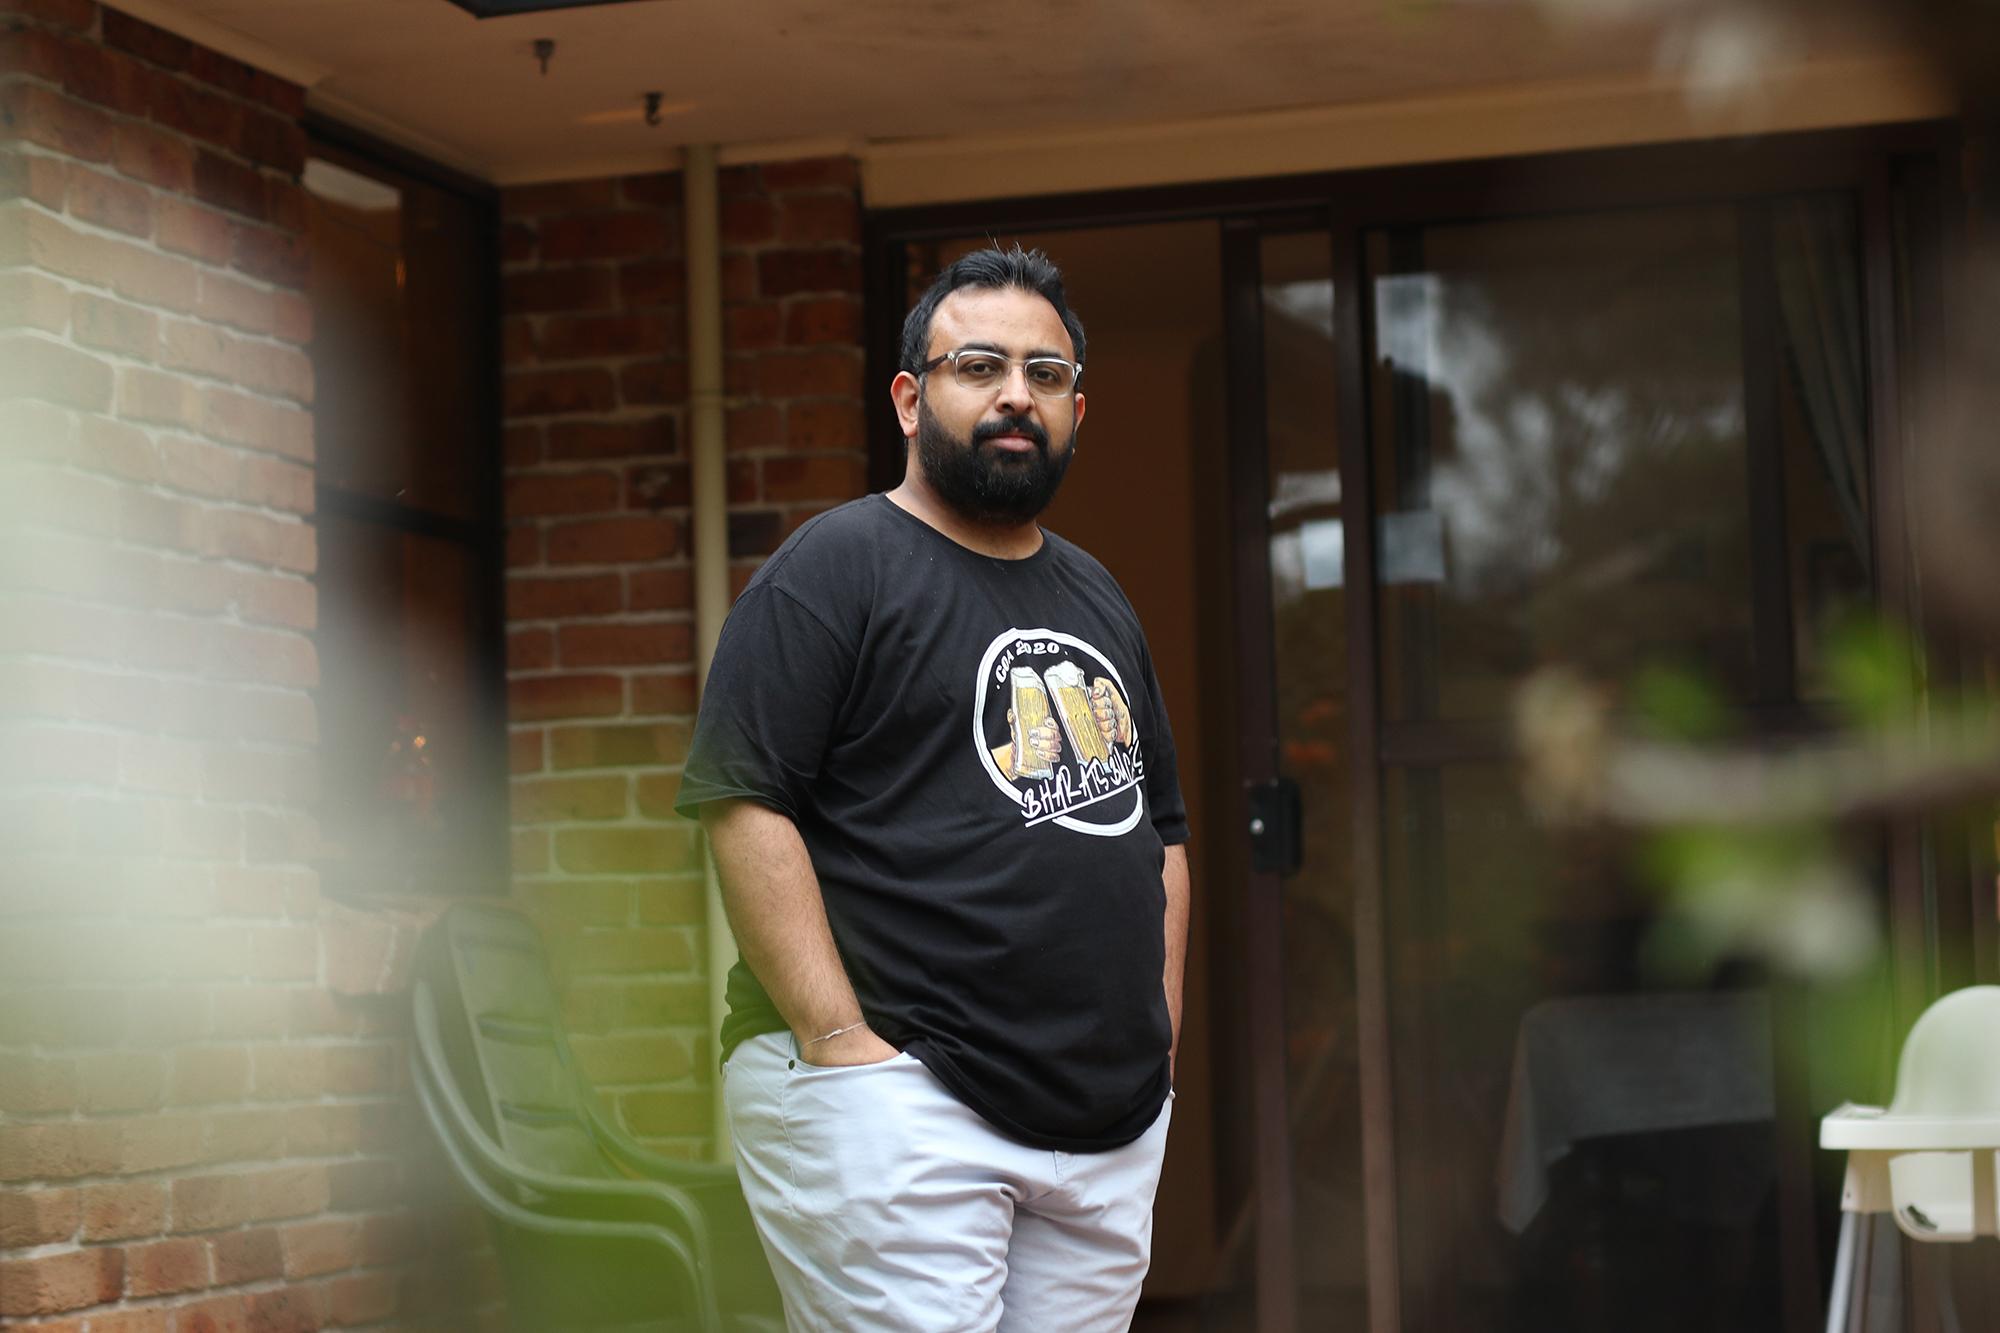 Jitarth Jadeja, de 32 anos, encontrou a QAnon em 2017 e passou 2 anos no culto